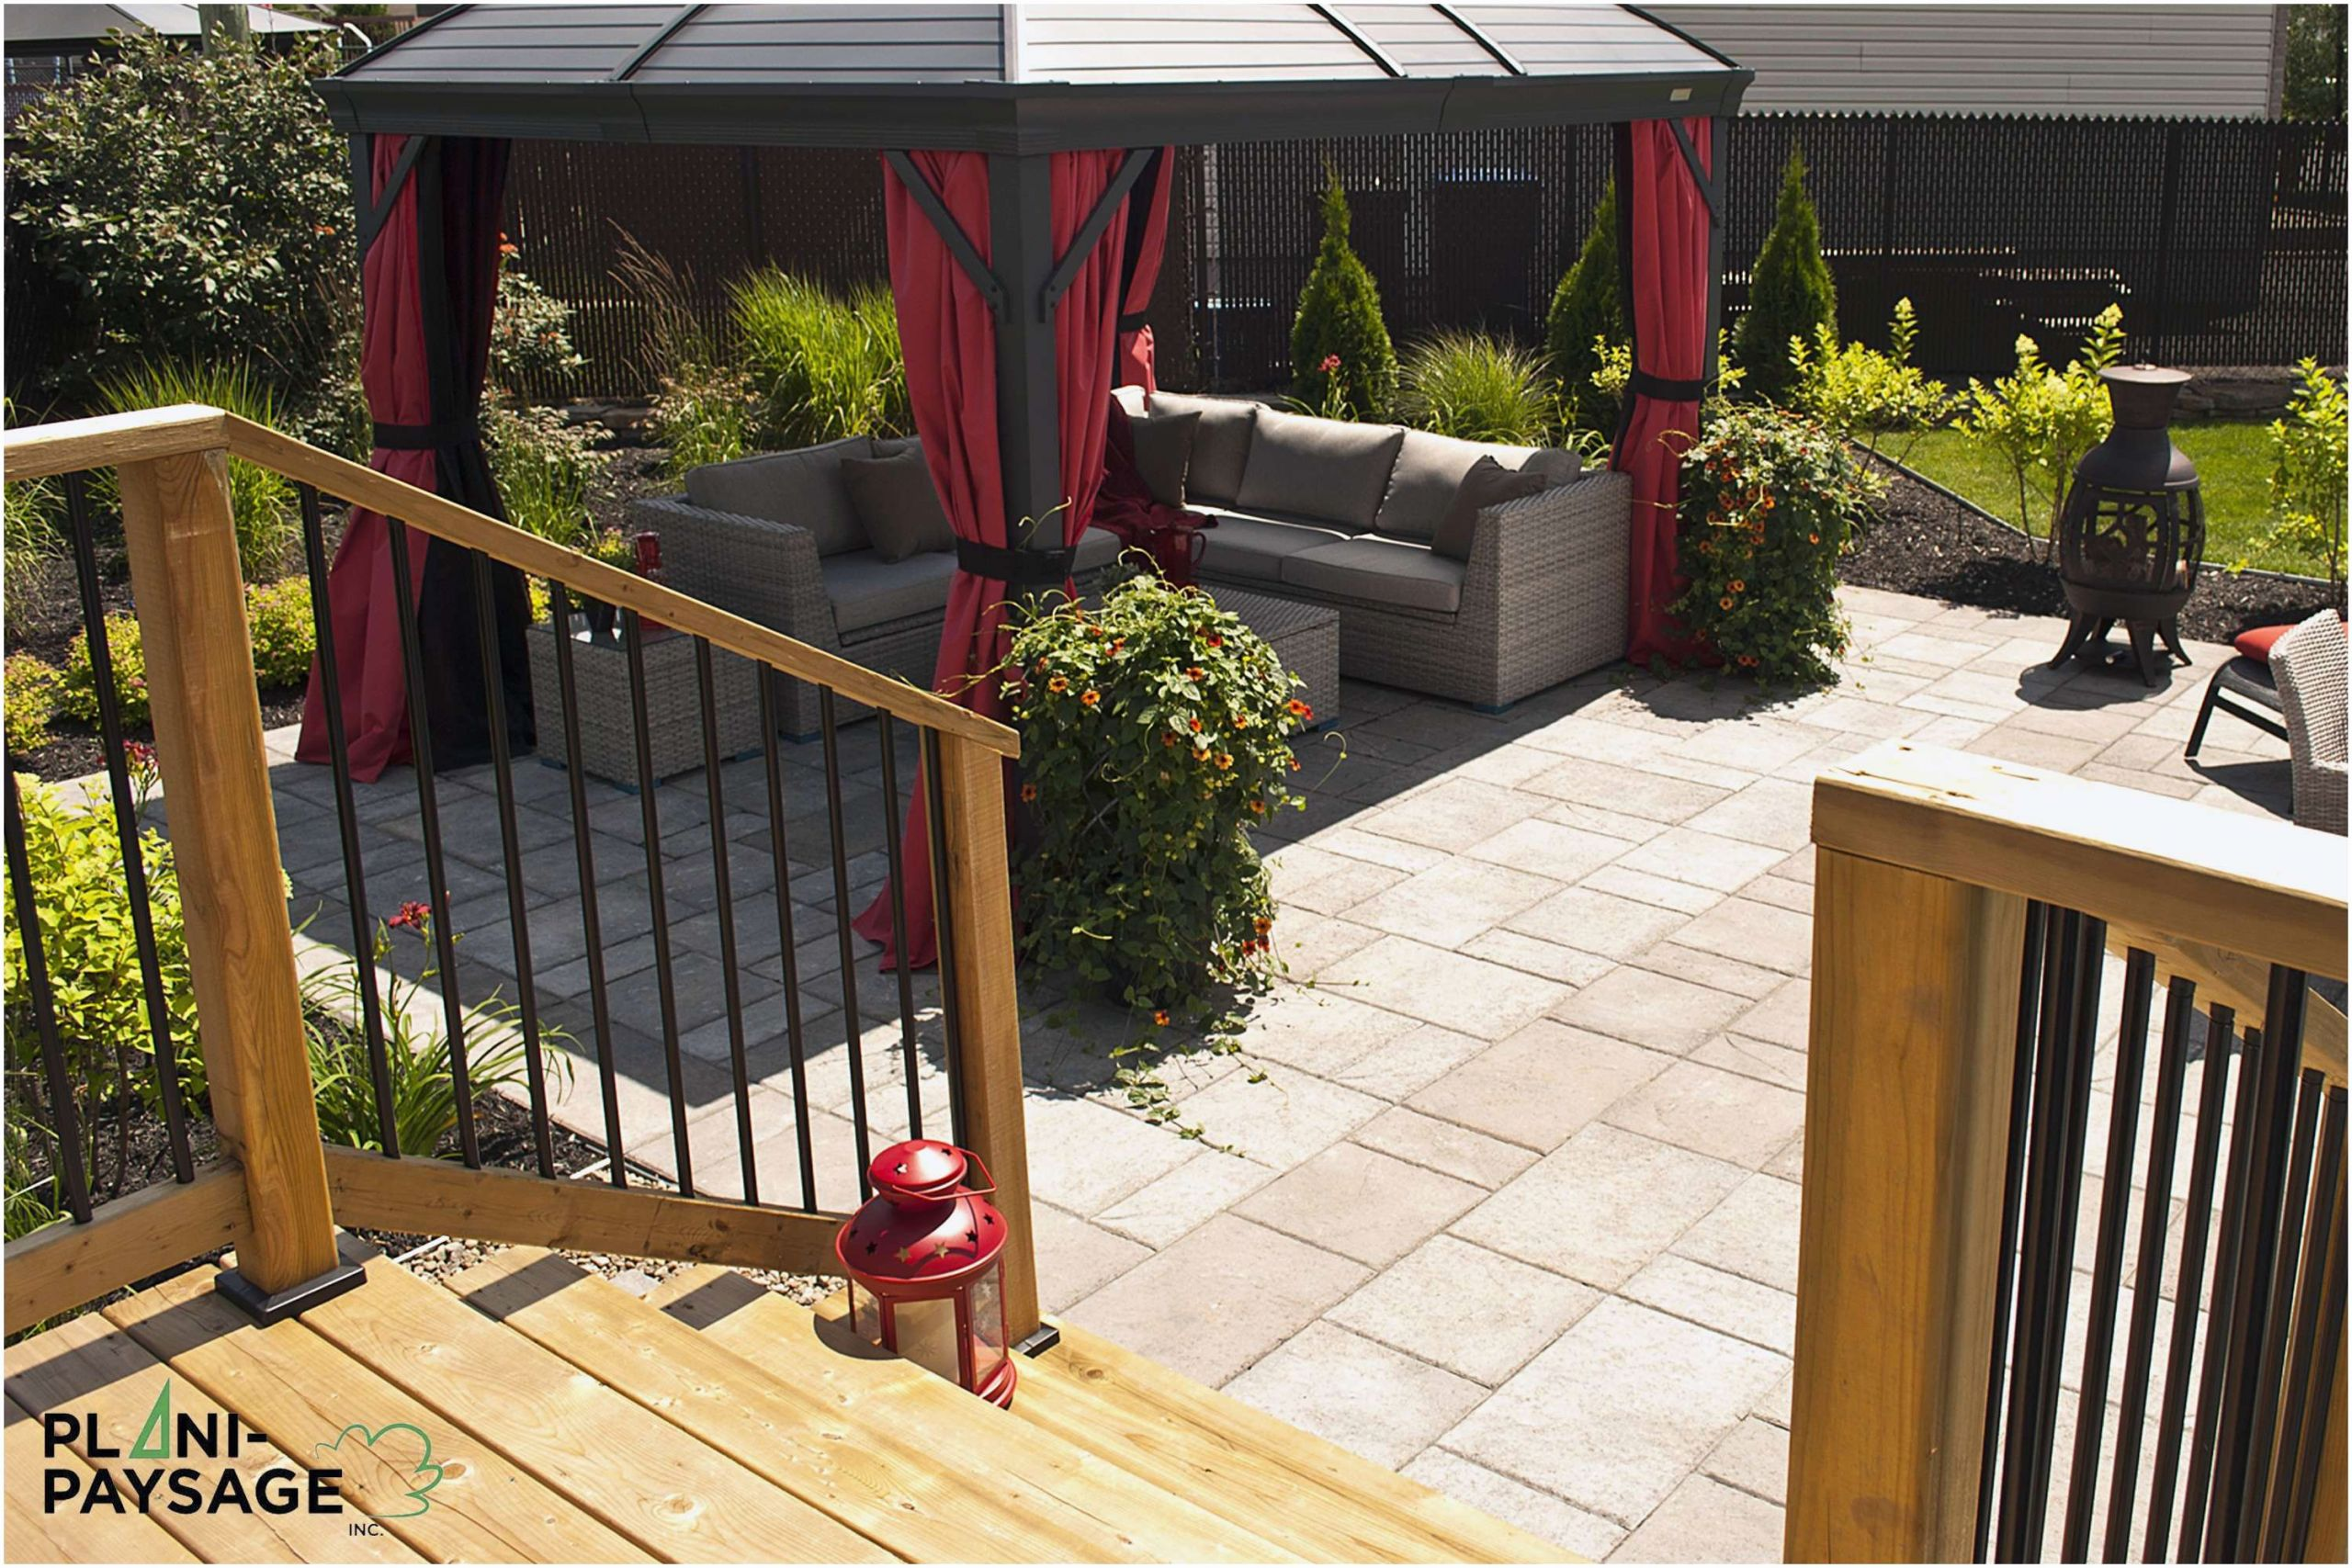 lampe chauffante terrasse charmant inspire cable inox castorama elegant unique 40 de garde corps inox of lampe chauffante terrasse